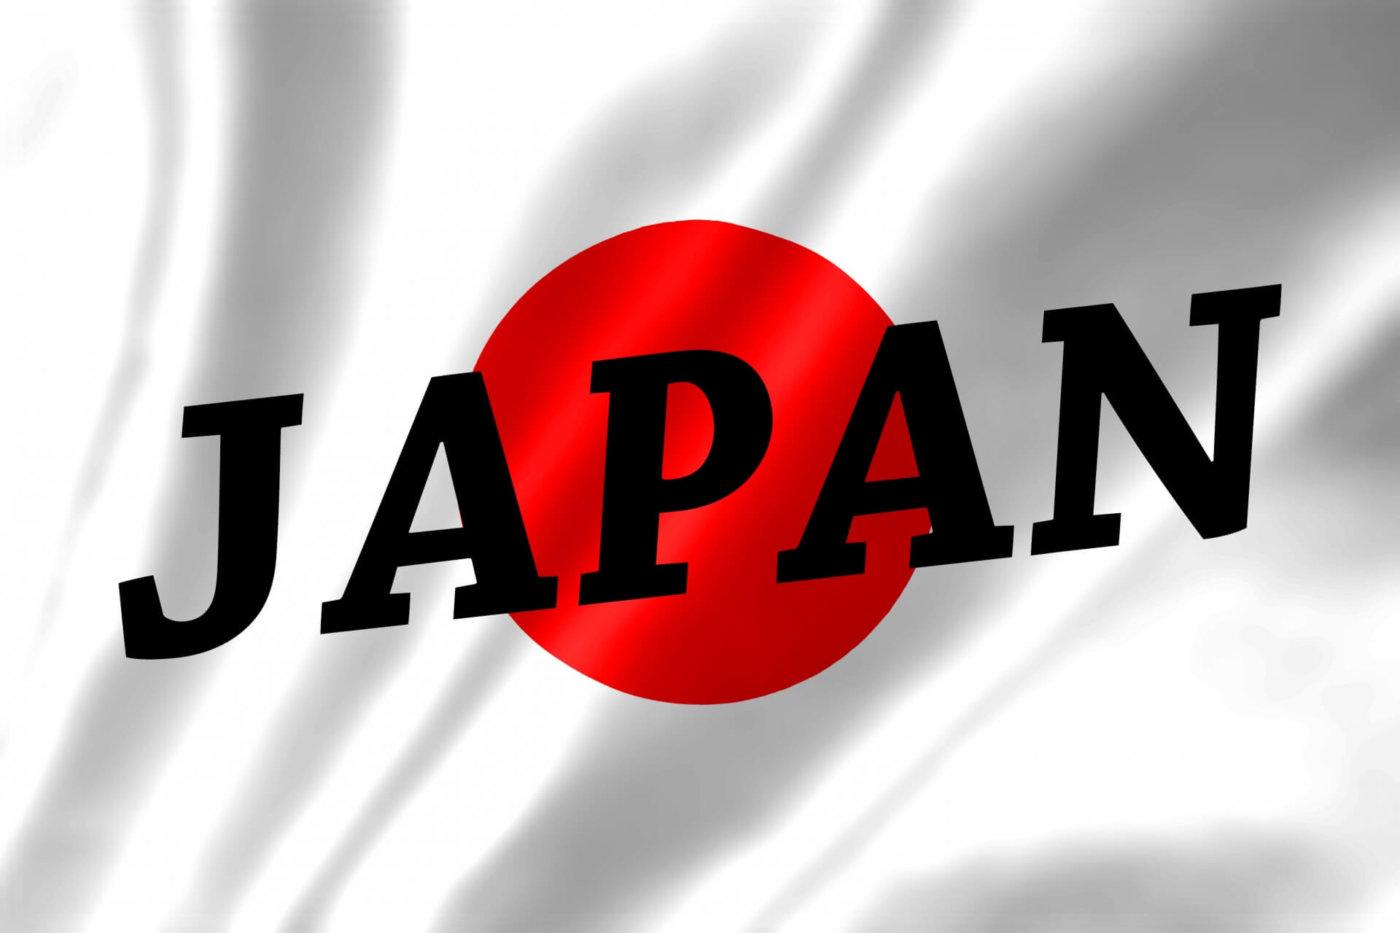 柔道日本代表で歴代最強と呼ばれる選手たち!その驚くべき経歴や記録をご紹介します。